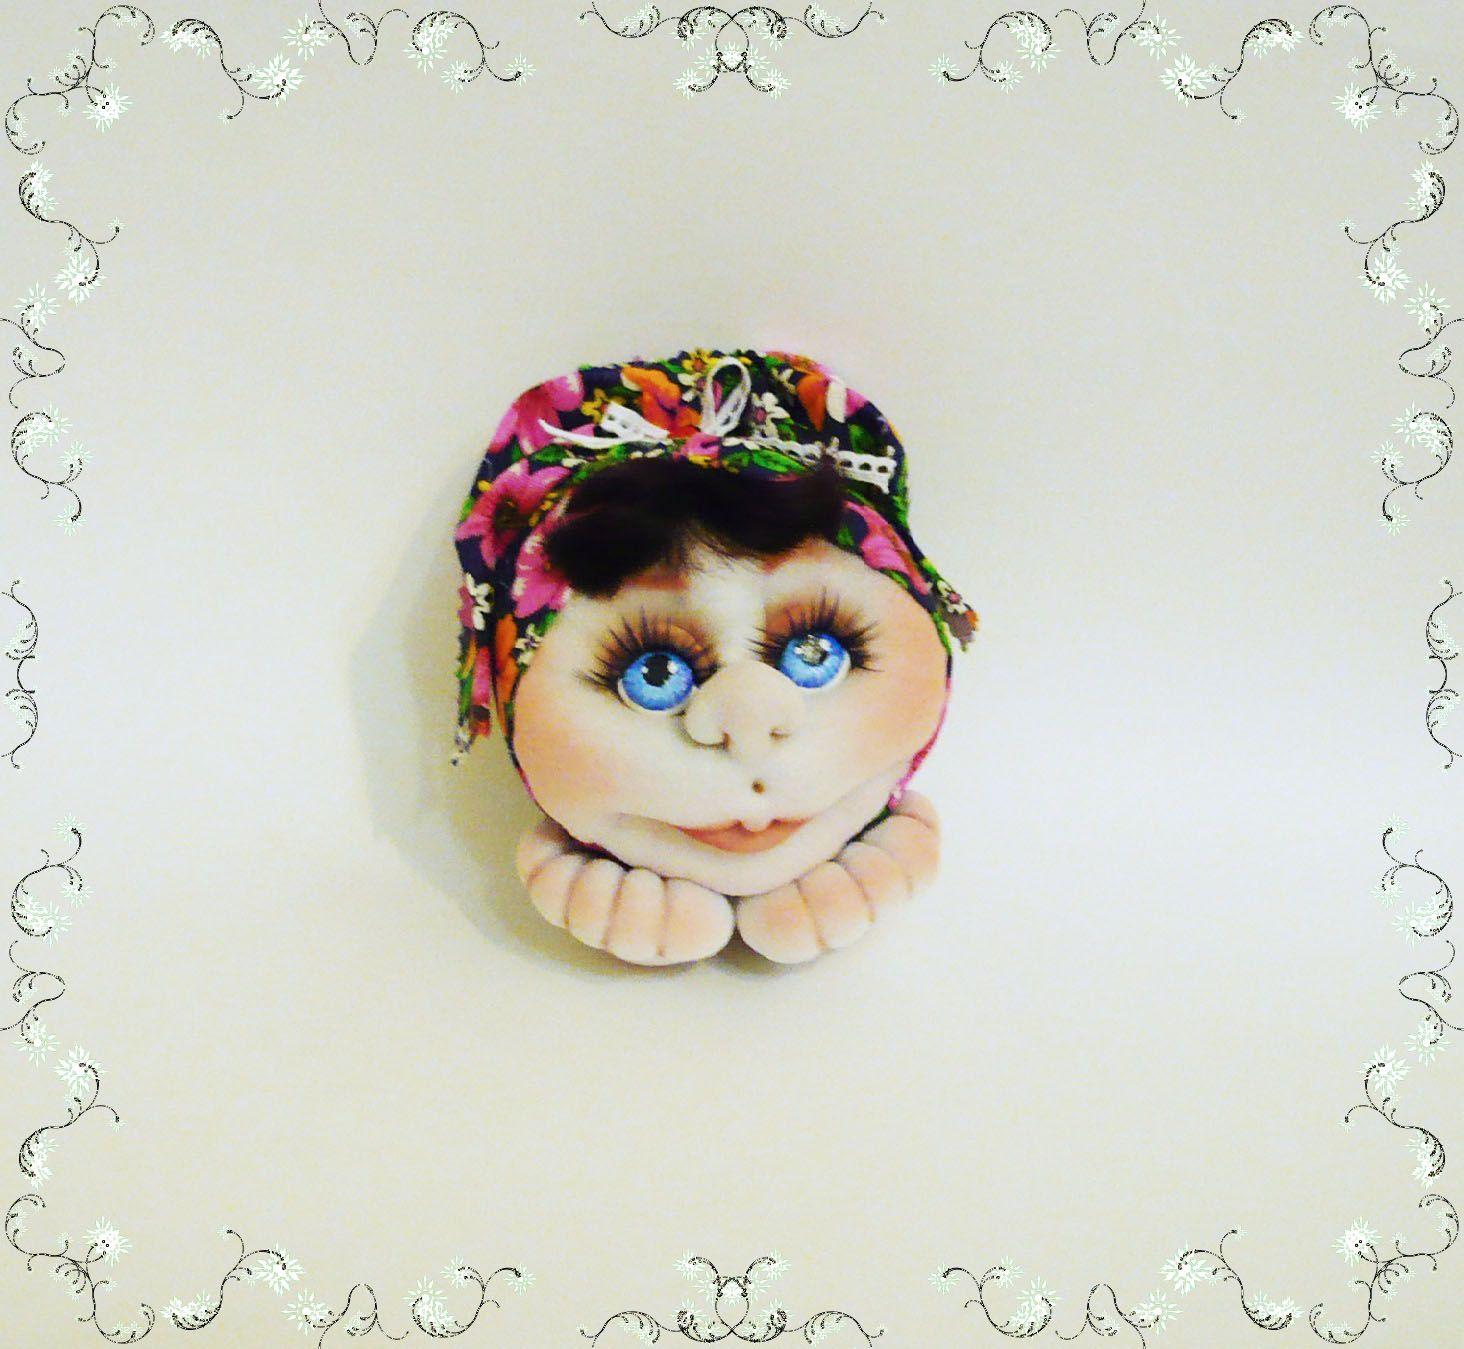 авторскиекуклы куклыизчулок изюминки чулочныекуклы интерьерныекуклырукодельные куклыручнаяработа подарки